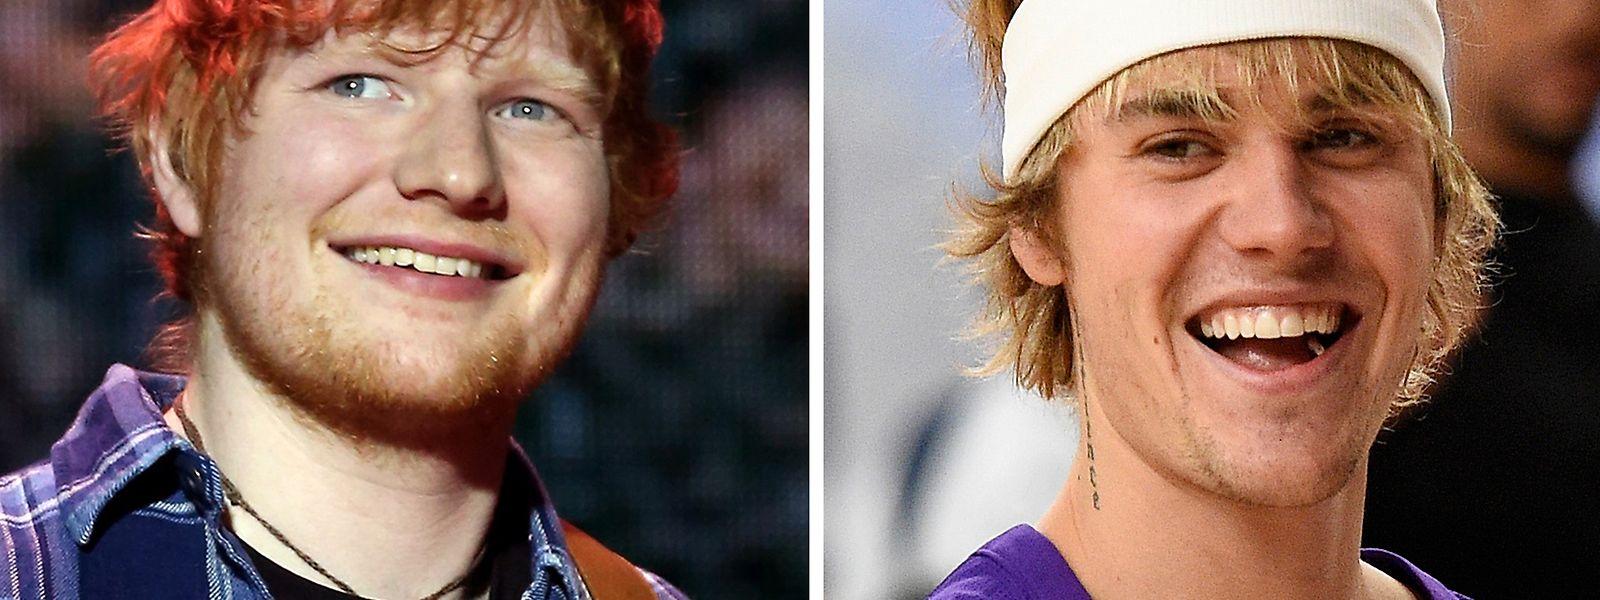 Justin Bieber und Ed Sheeran machen wieder gemeinsame Sache.